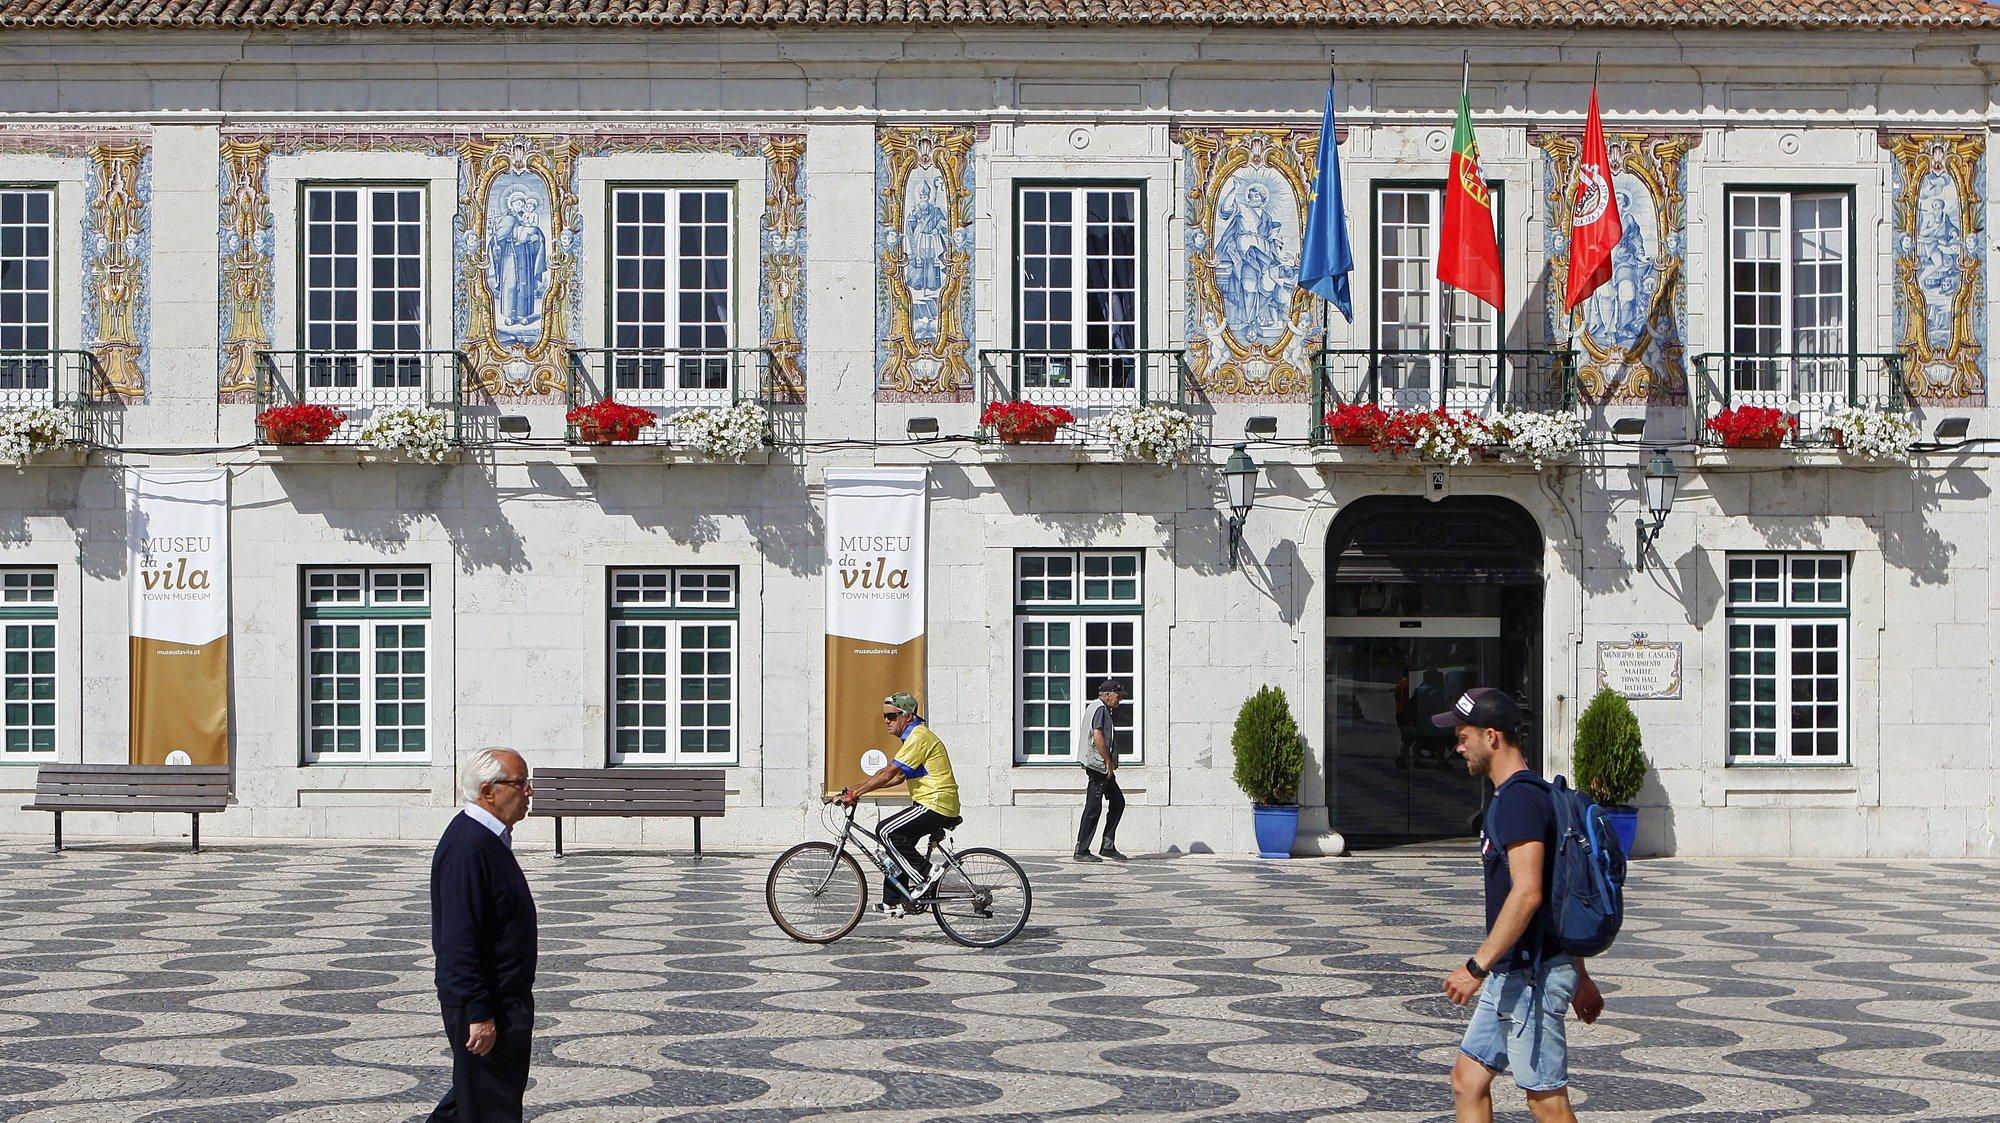 Edifício da Câmara Municipal de Cascais, 16 de junho de 2017. ANTÓNIO PEDRO SANTOS/LUSA